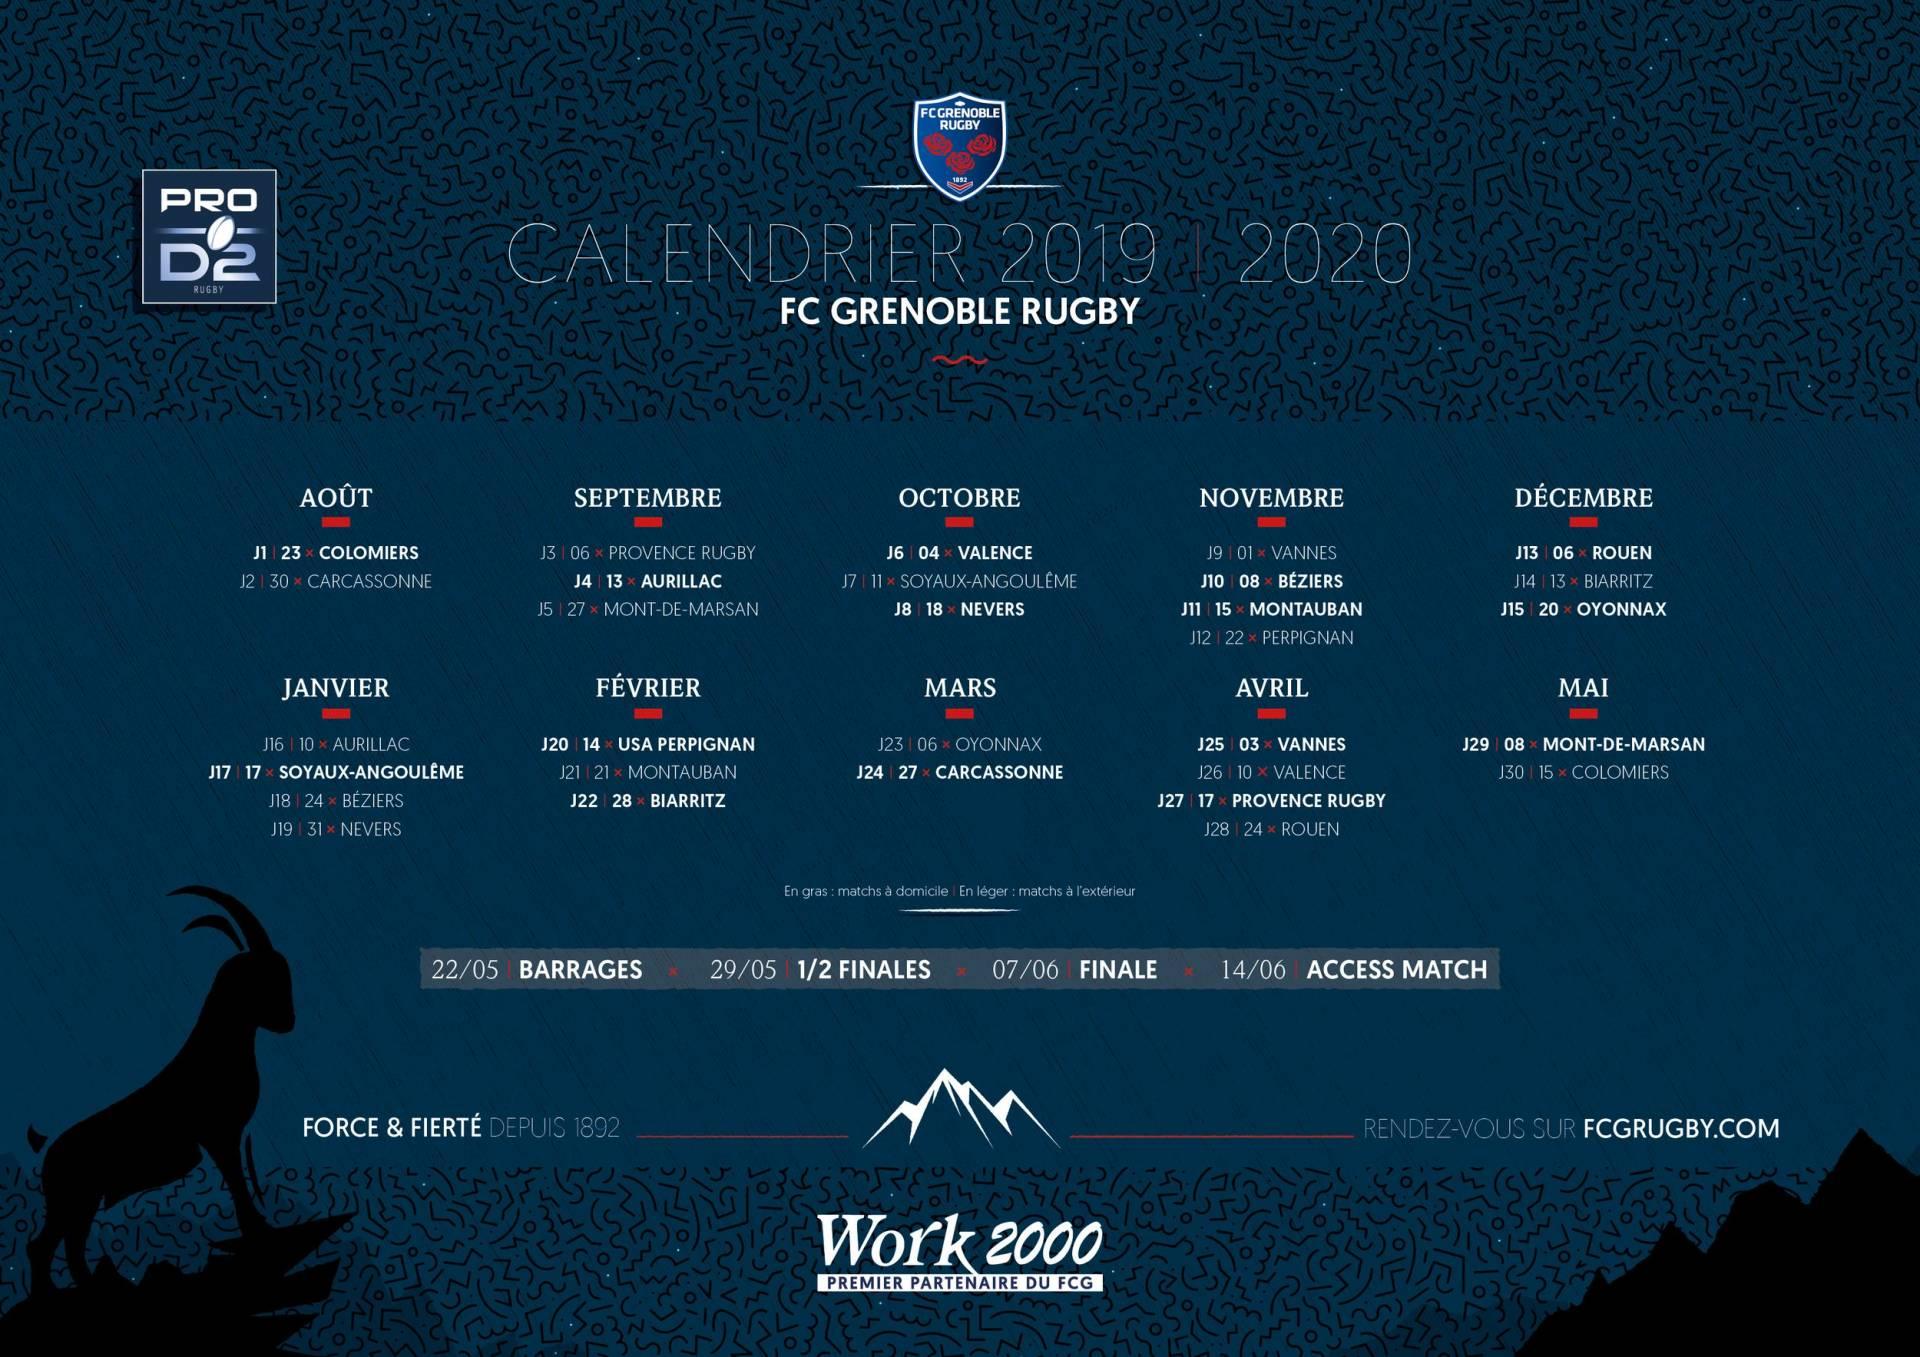 Calendrier Top 14 Saison 2020 2019.Fcg Fc Grenoble Rugby Le Calendrier De La Saison 2019 2020